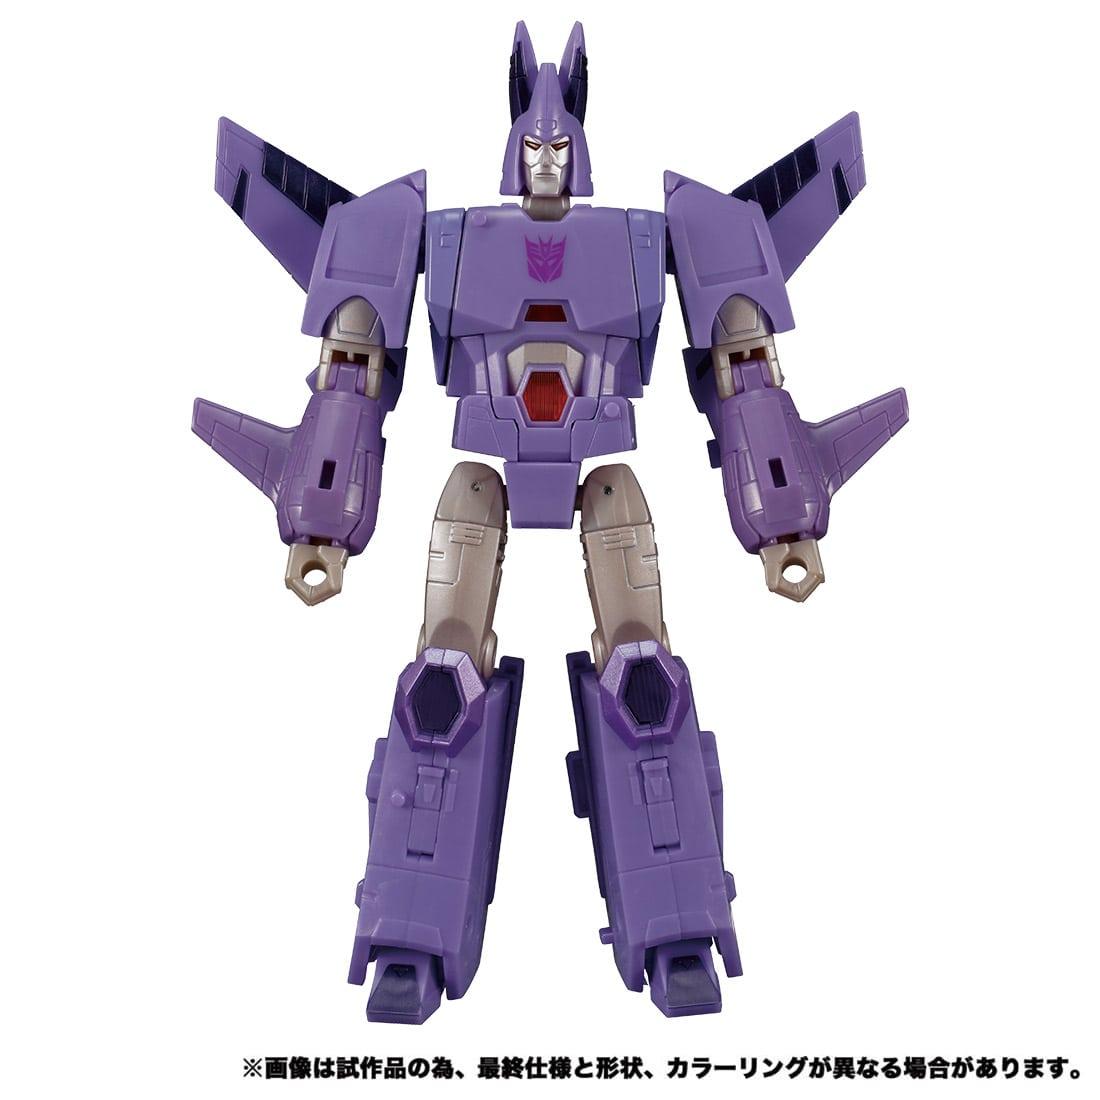 トランスフォーマー キングダム『KD-07 サイクロナス』可変可動フィギュア-005